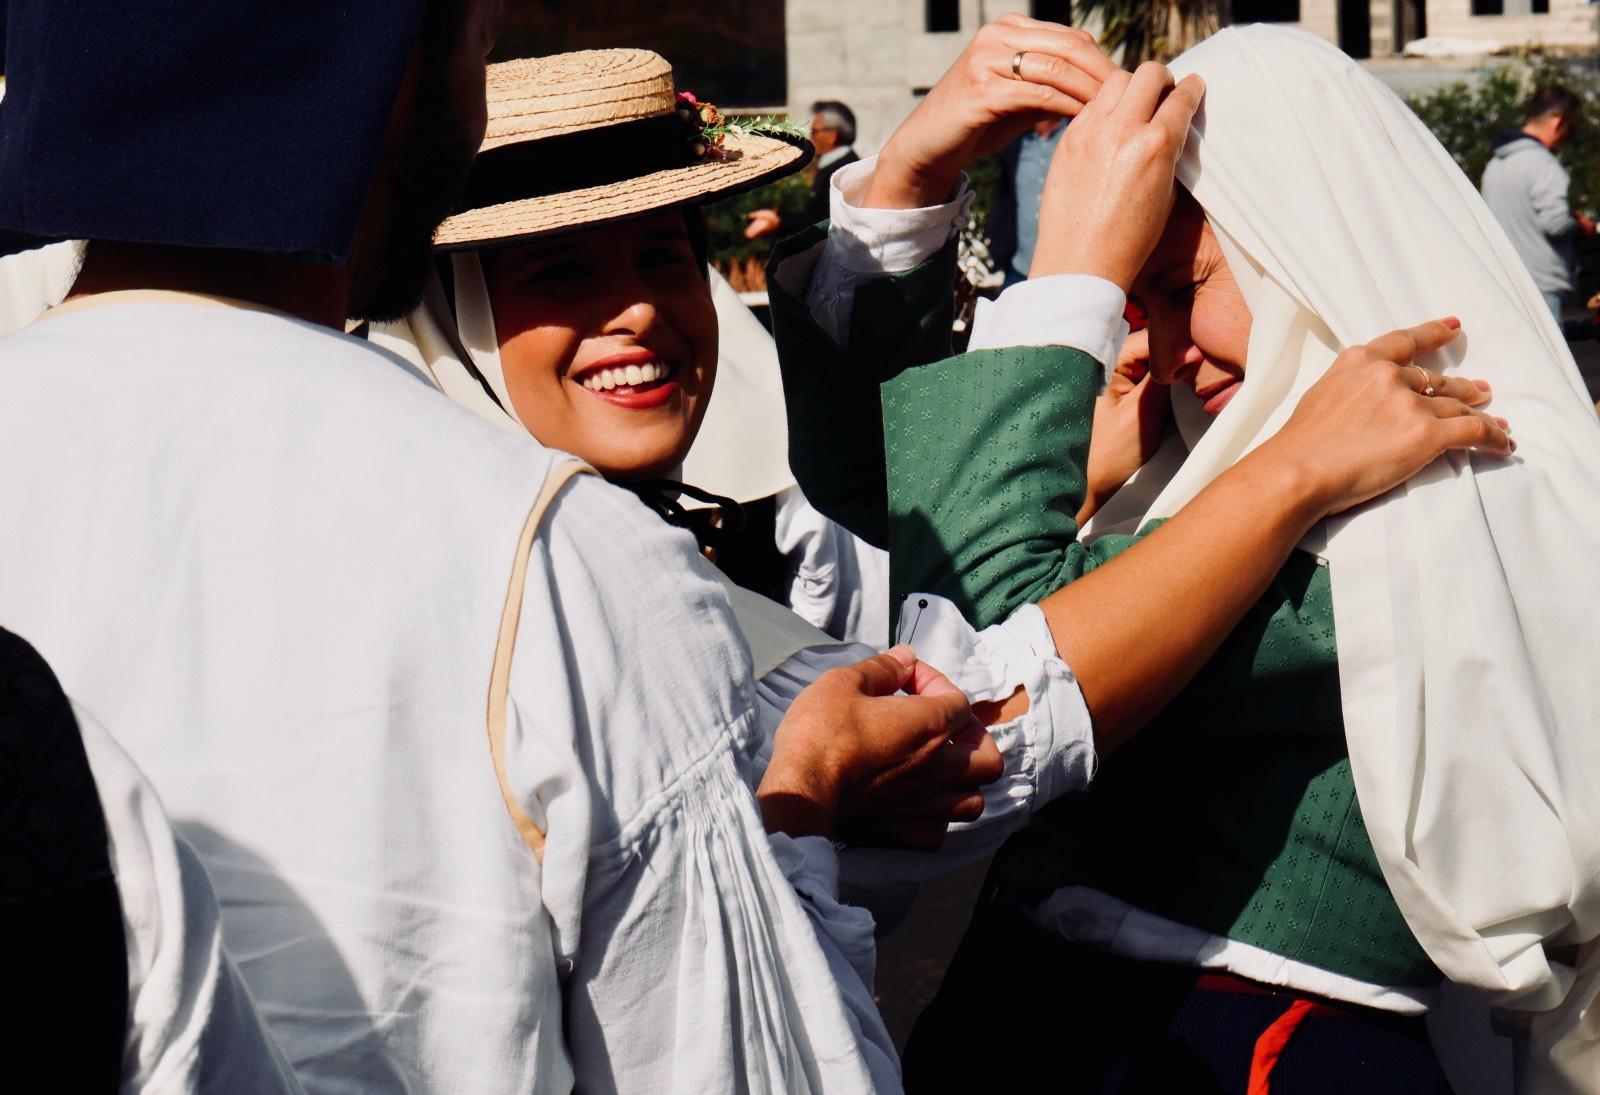 Danzatrici in abito tradizionale Canario, Mancha Blanca, Lanzarote